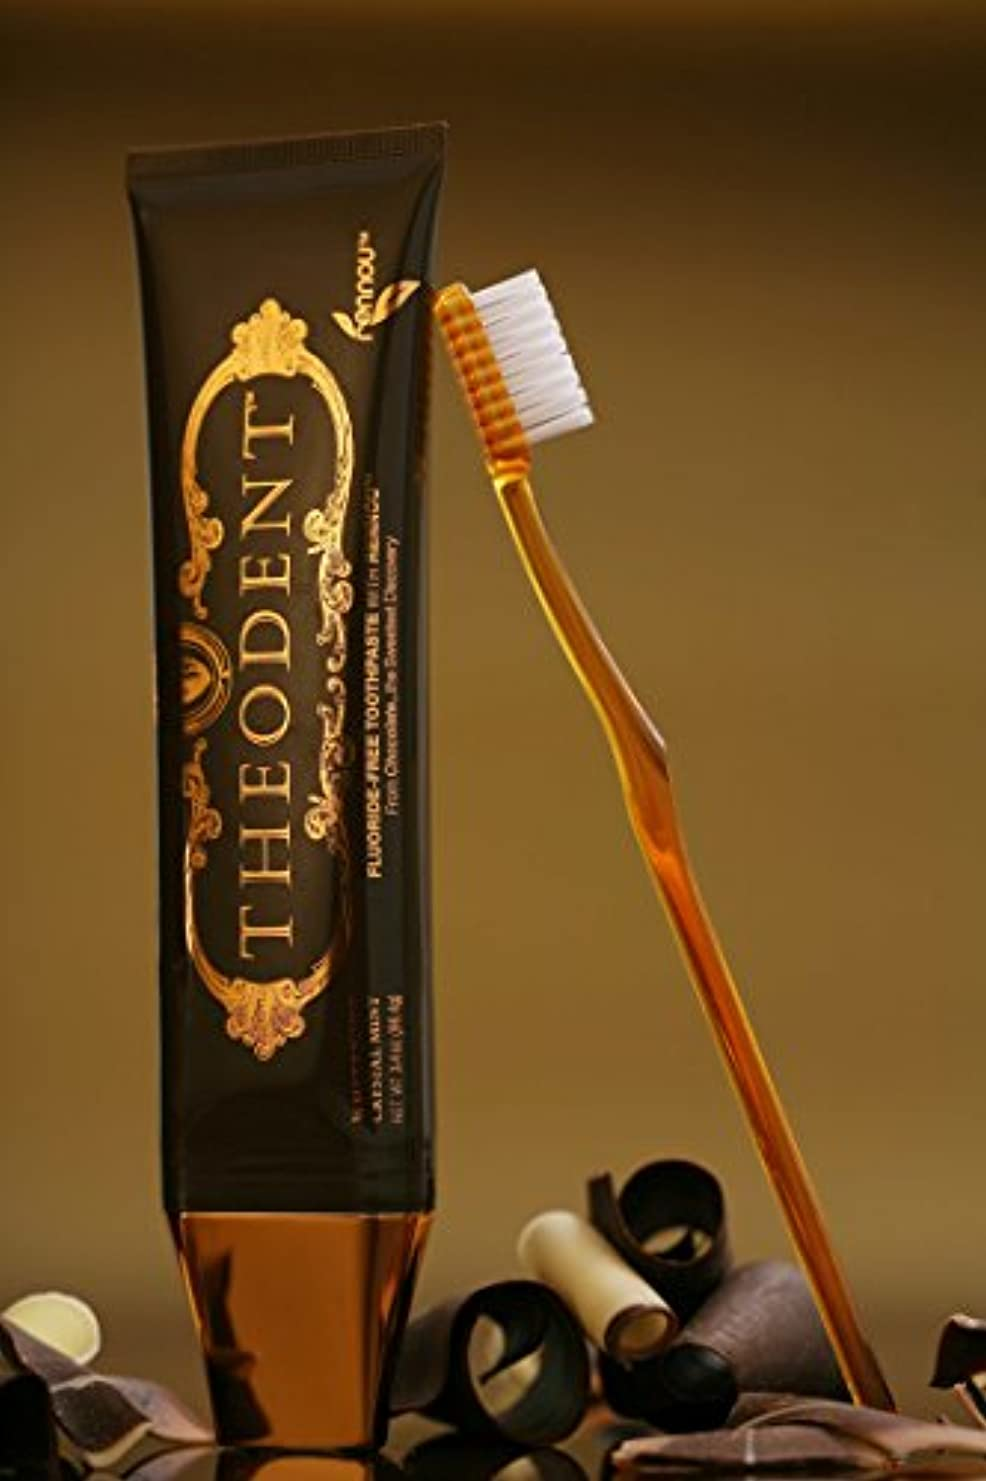 プレート架空の慣性THEODENT(テオデント) 天然カカオが歯を白く☆フッ化物なしで安心歯磨き96g×2本セット 海外直送品